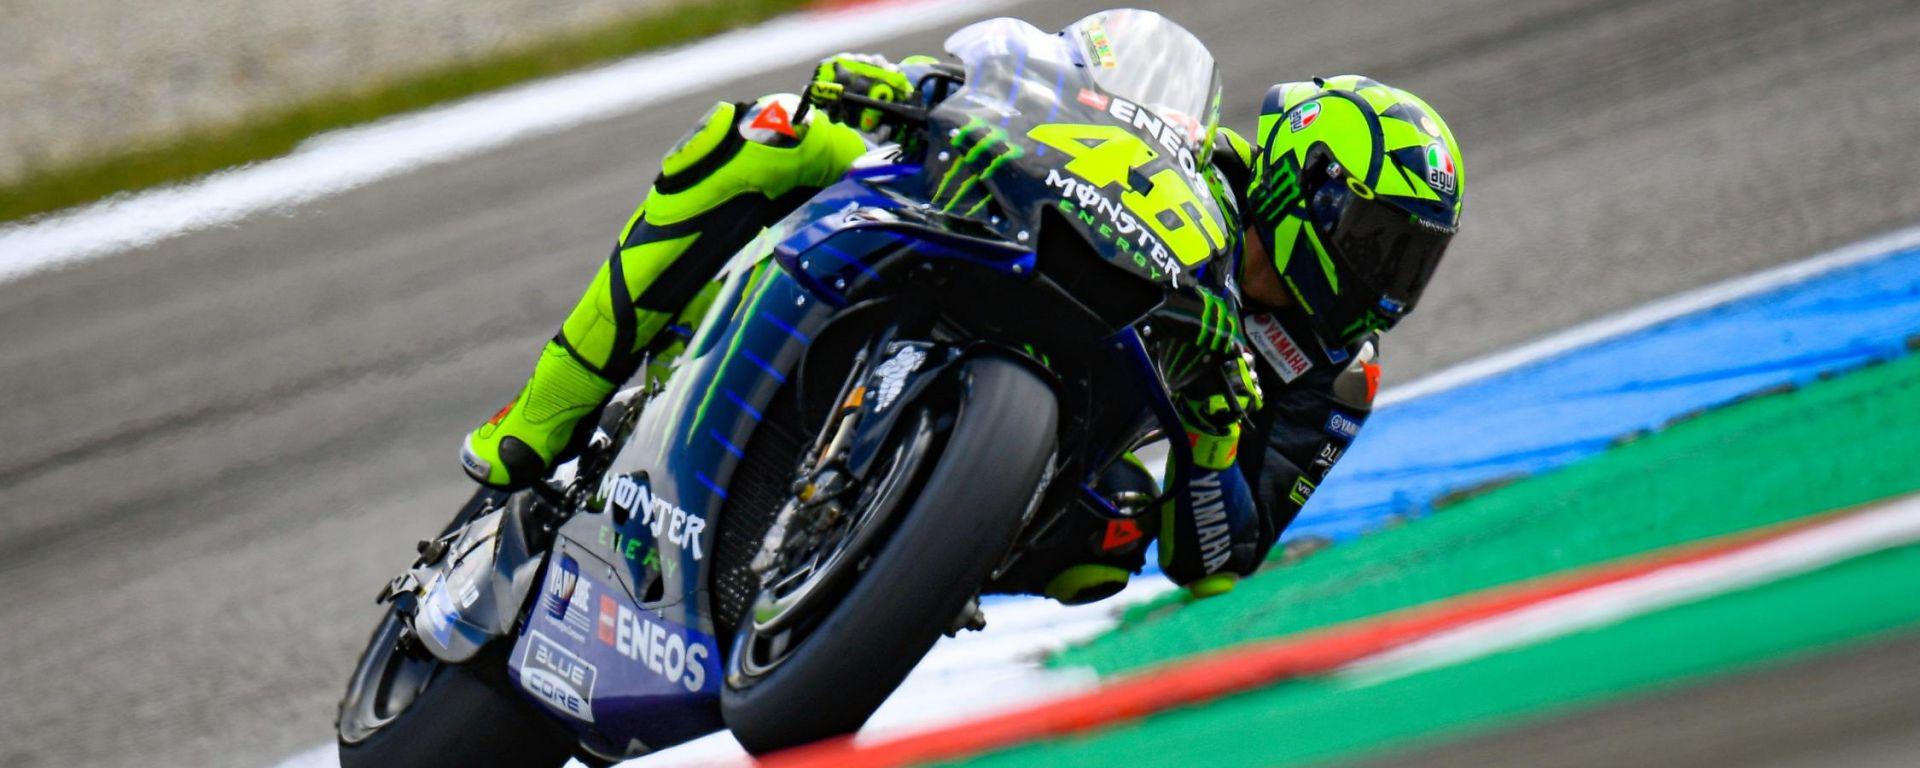 """MotoGP Assen, Rossi solo 14°: """"Faccio fatica e non so il perché"""""""